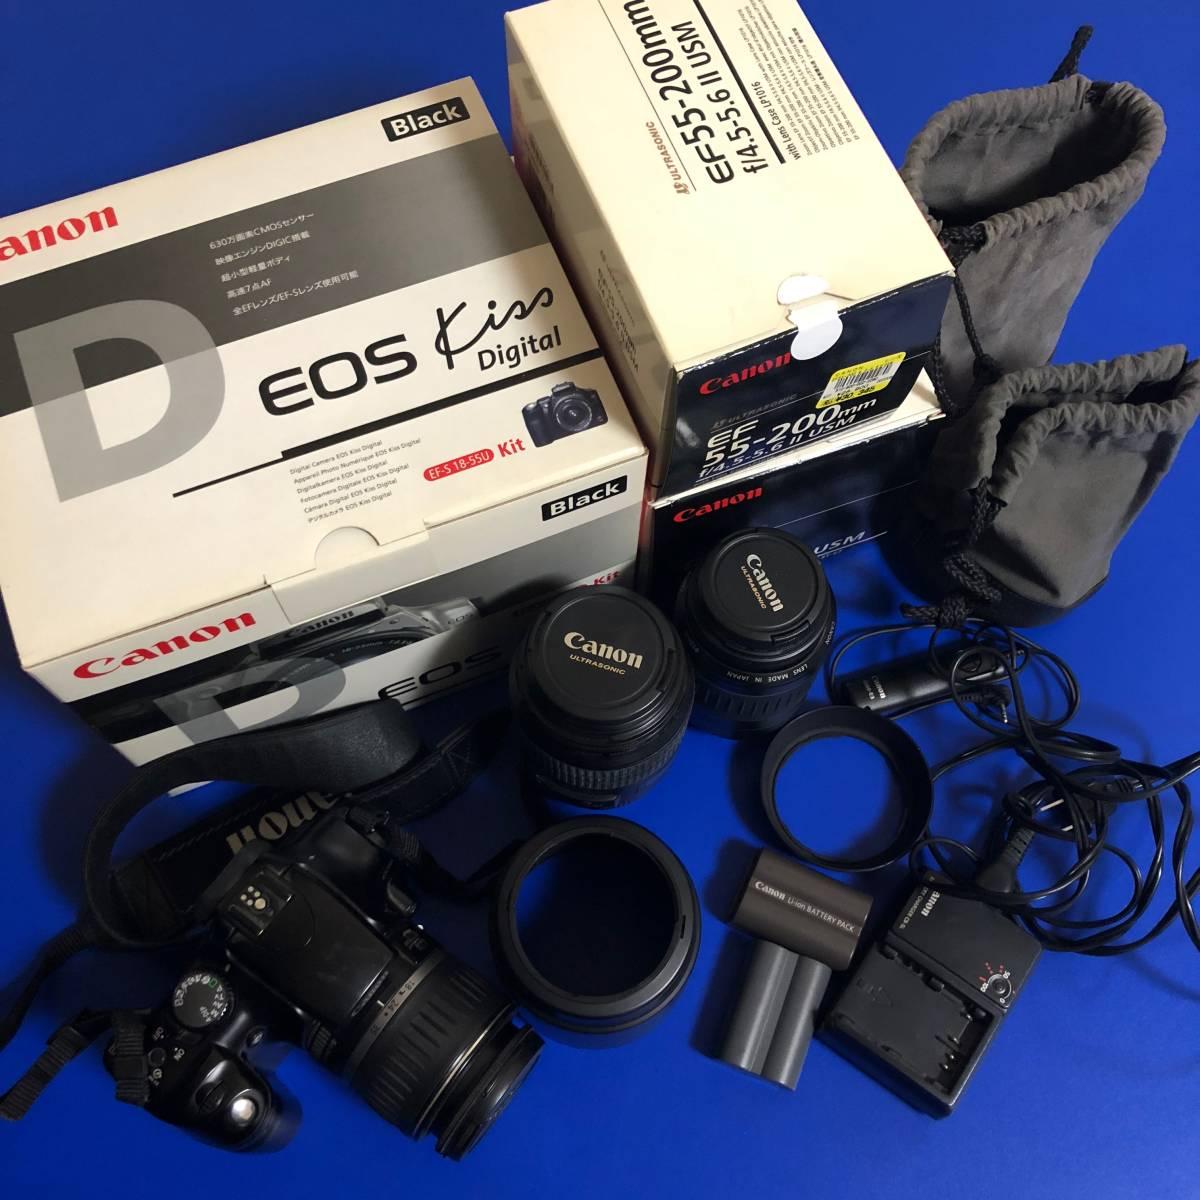 送料込 Canon 一眼レフカメラ EOS Kiss Digital他(ジャンク)